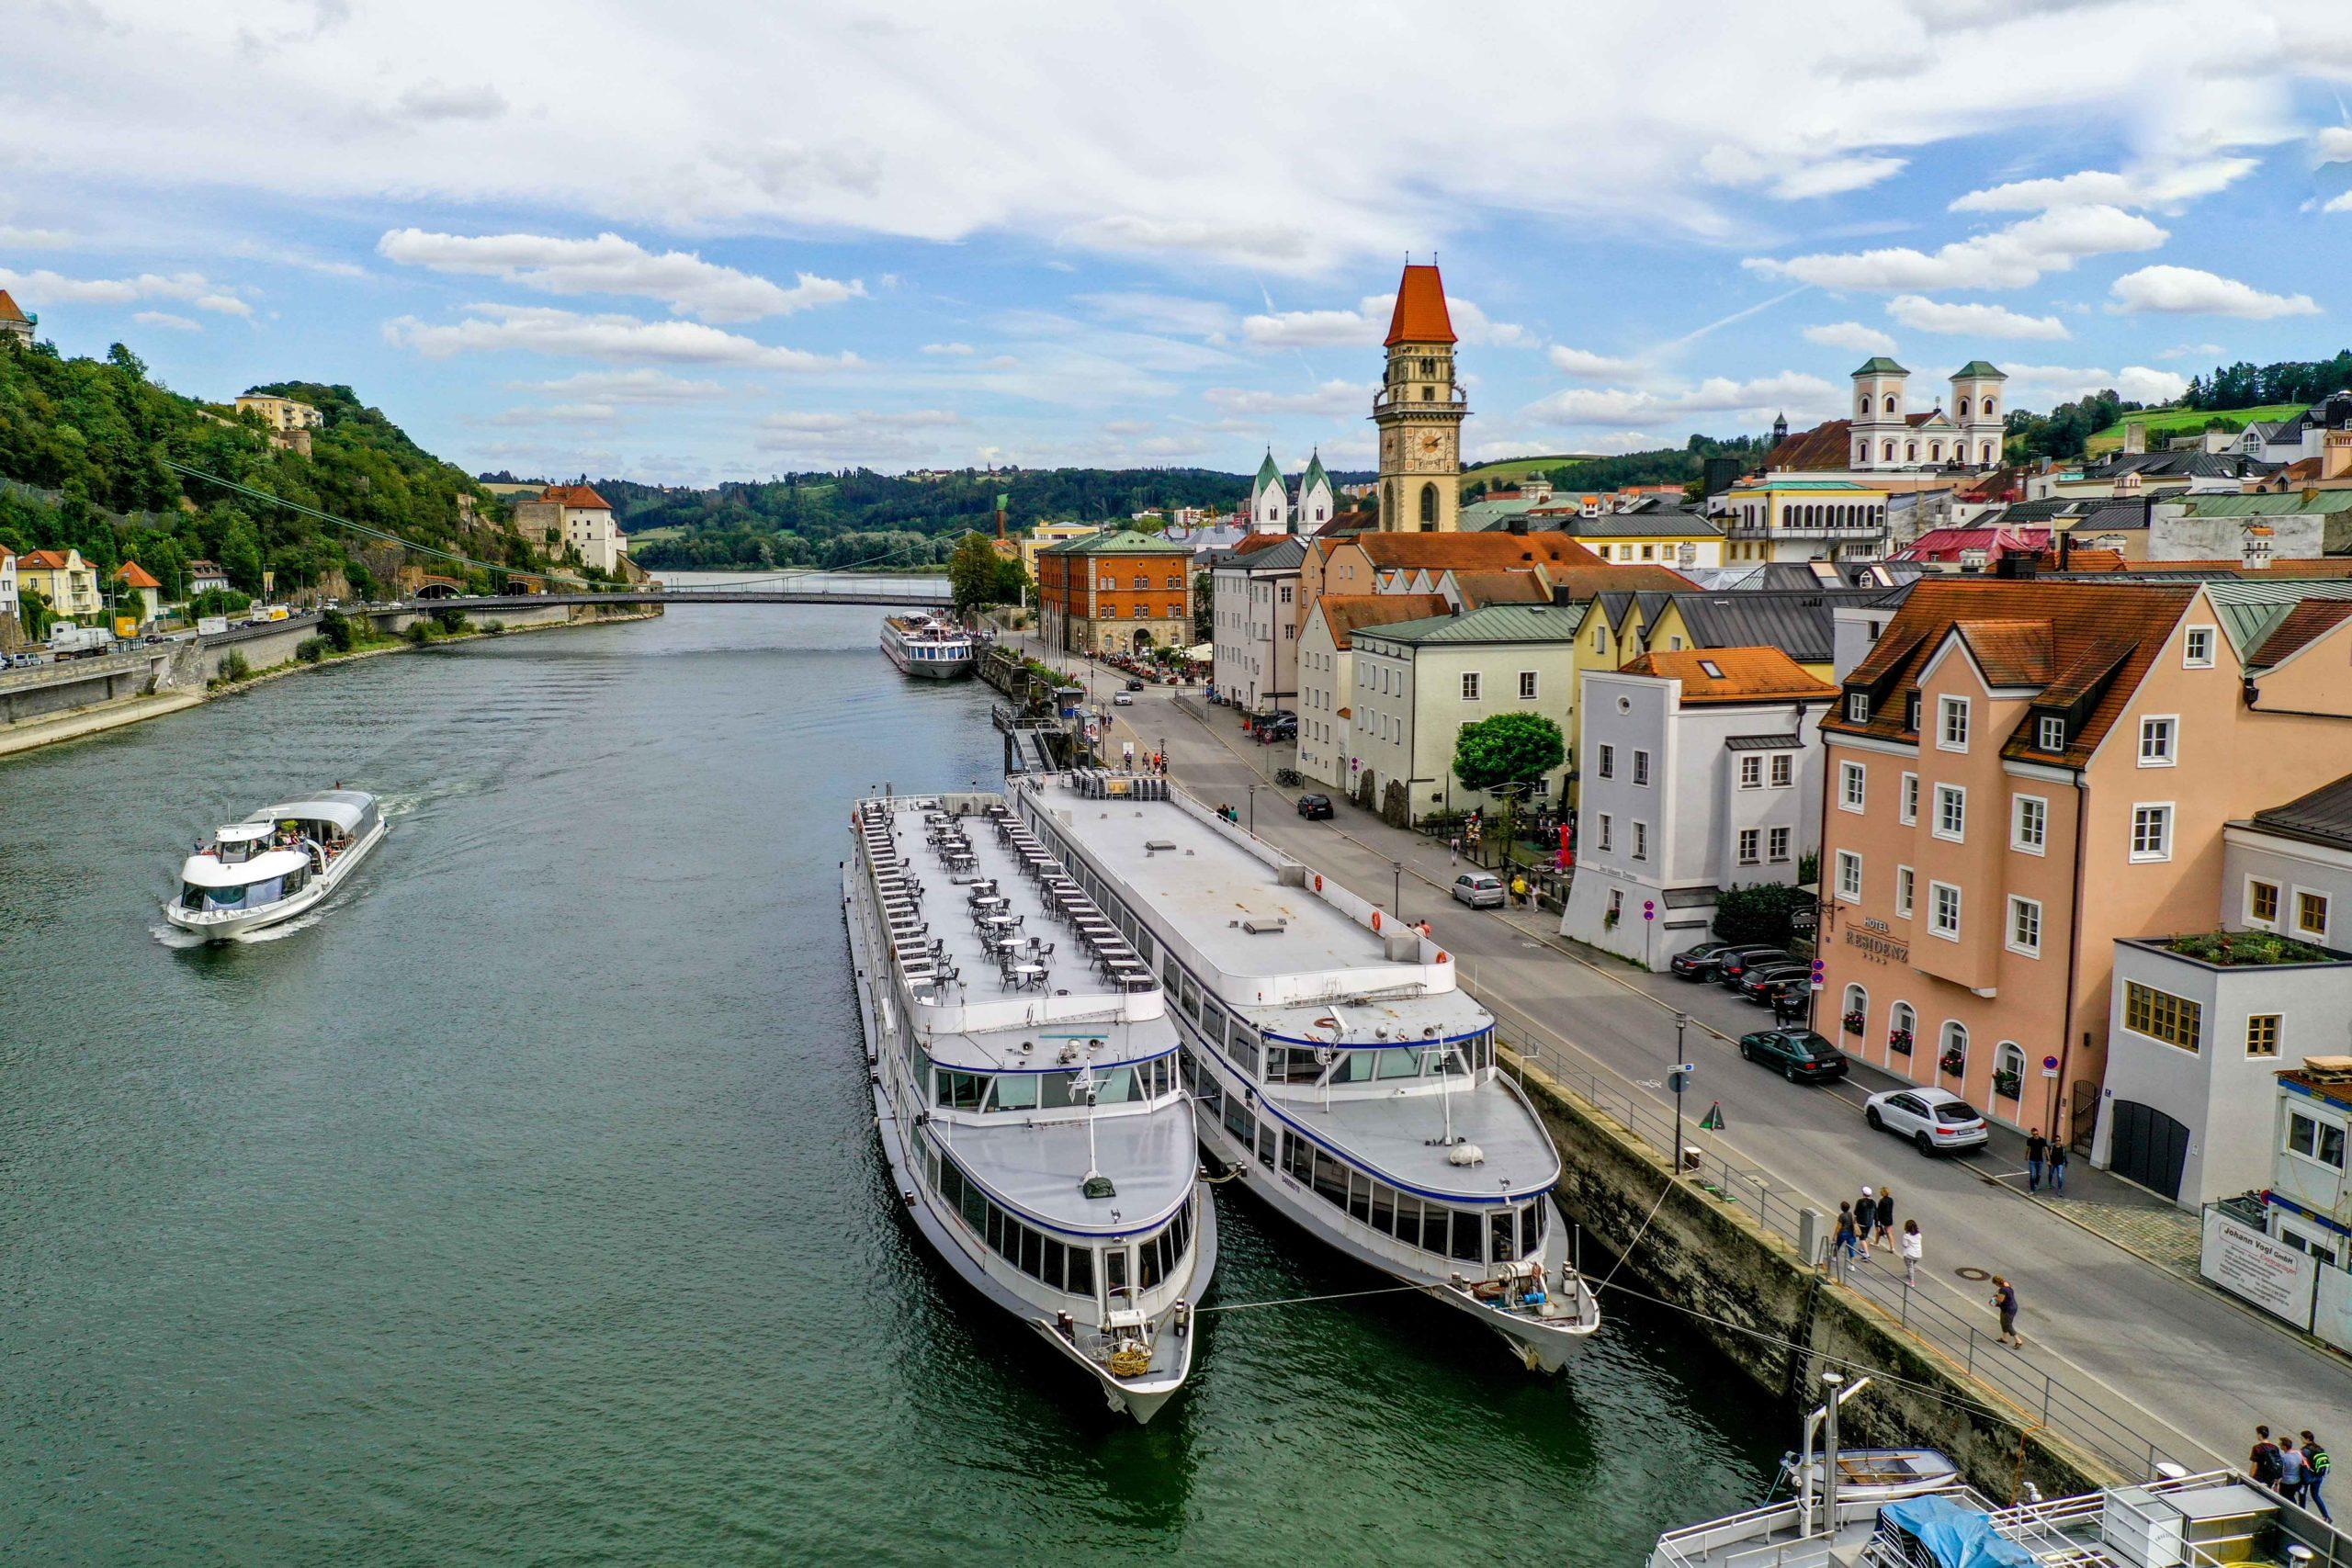 Flusskreuzfahrtschiff Passau